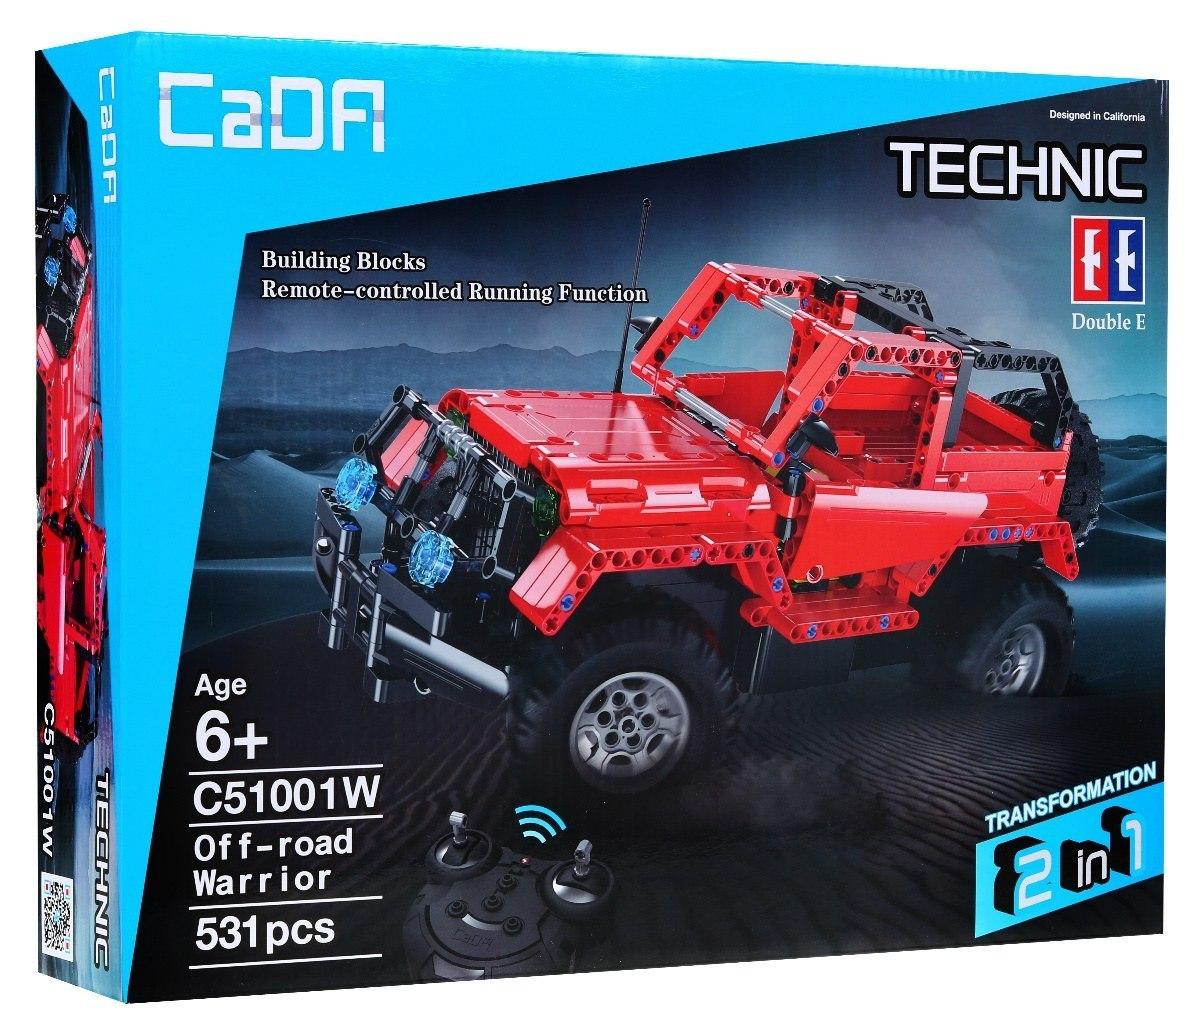 Image of Klocki Technic zdalnie sterowane - Autko Terenowe Czerwone CaDA C51001W